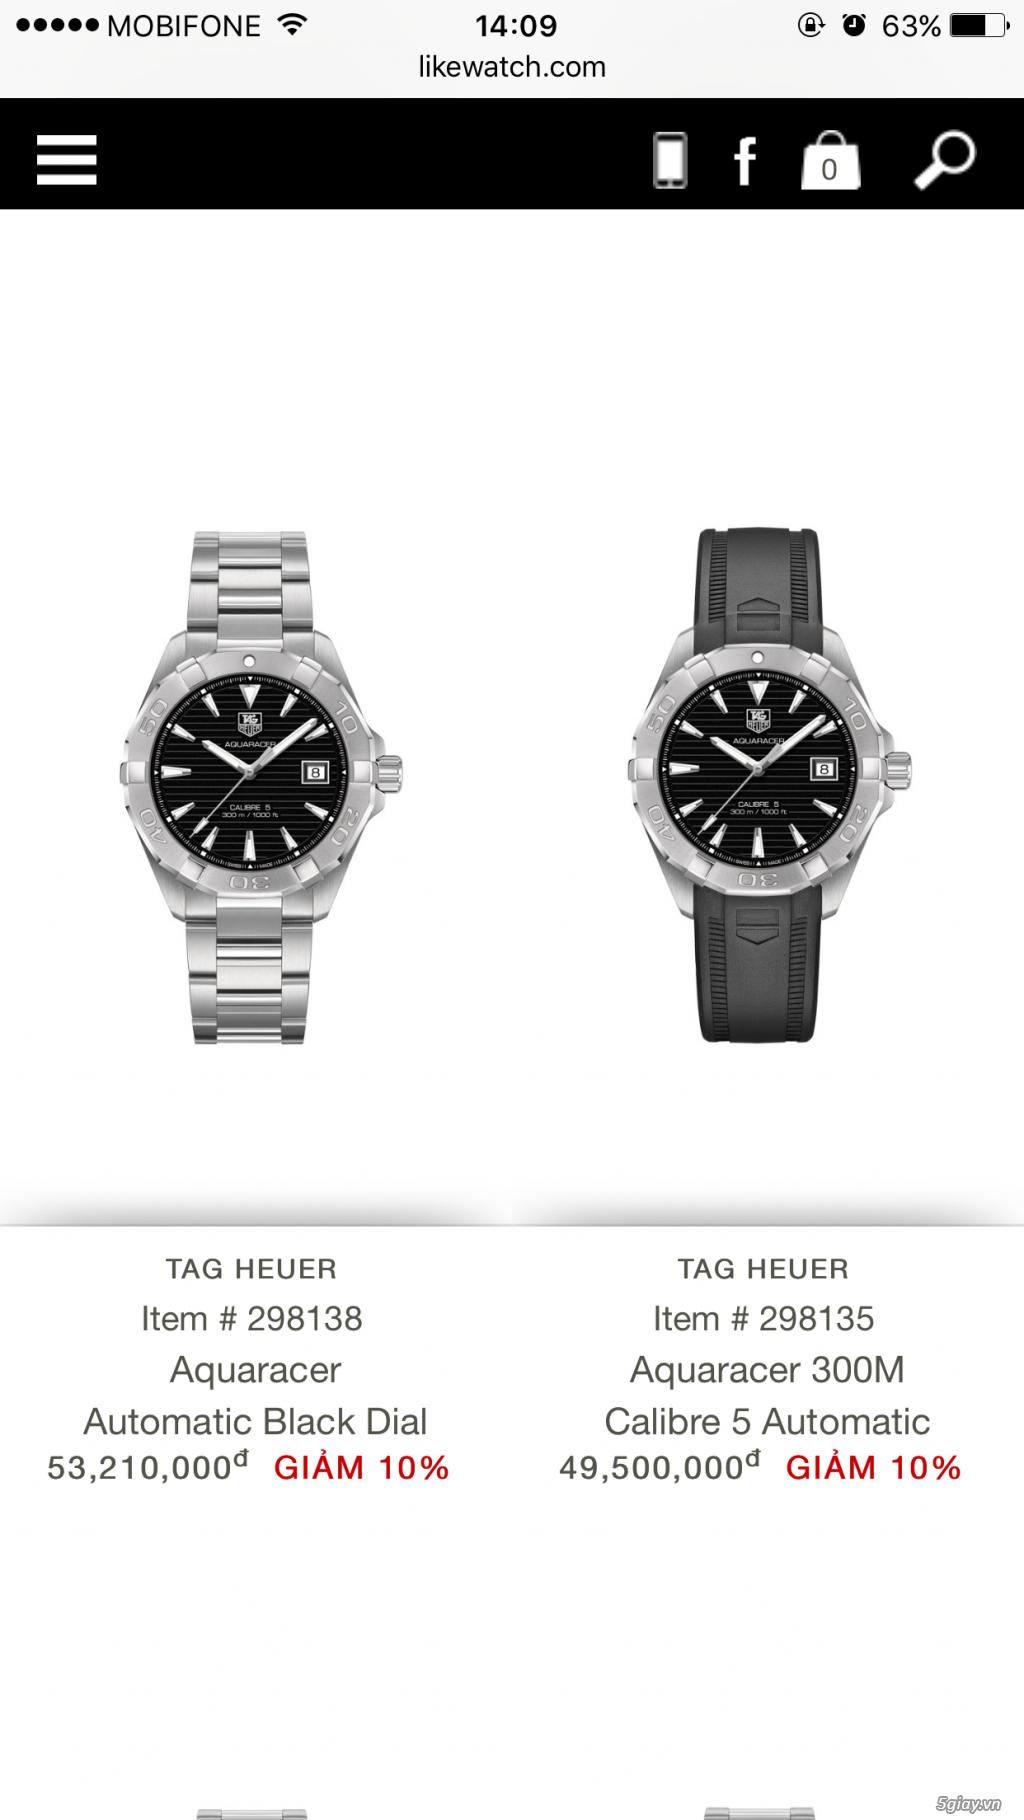 cần bán hai cái đồng hồ xịn giá cực rẻ ... - 1